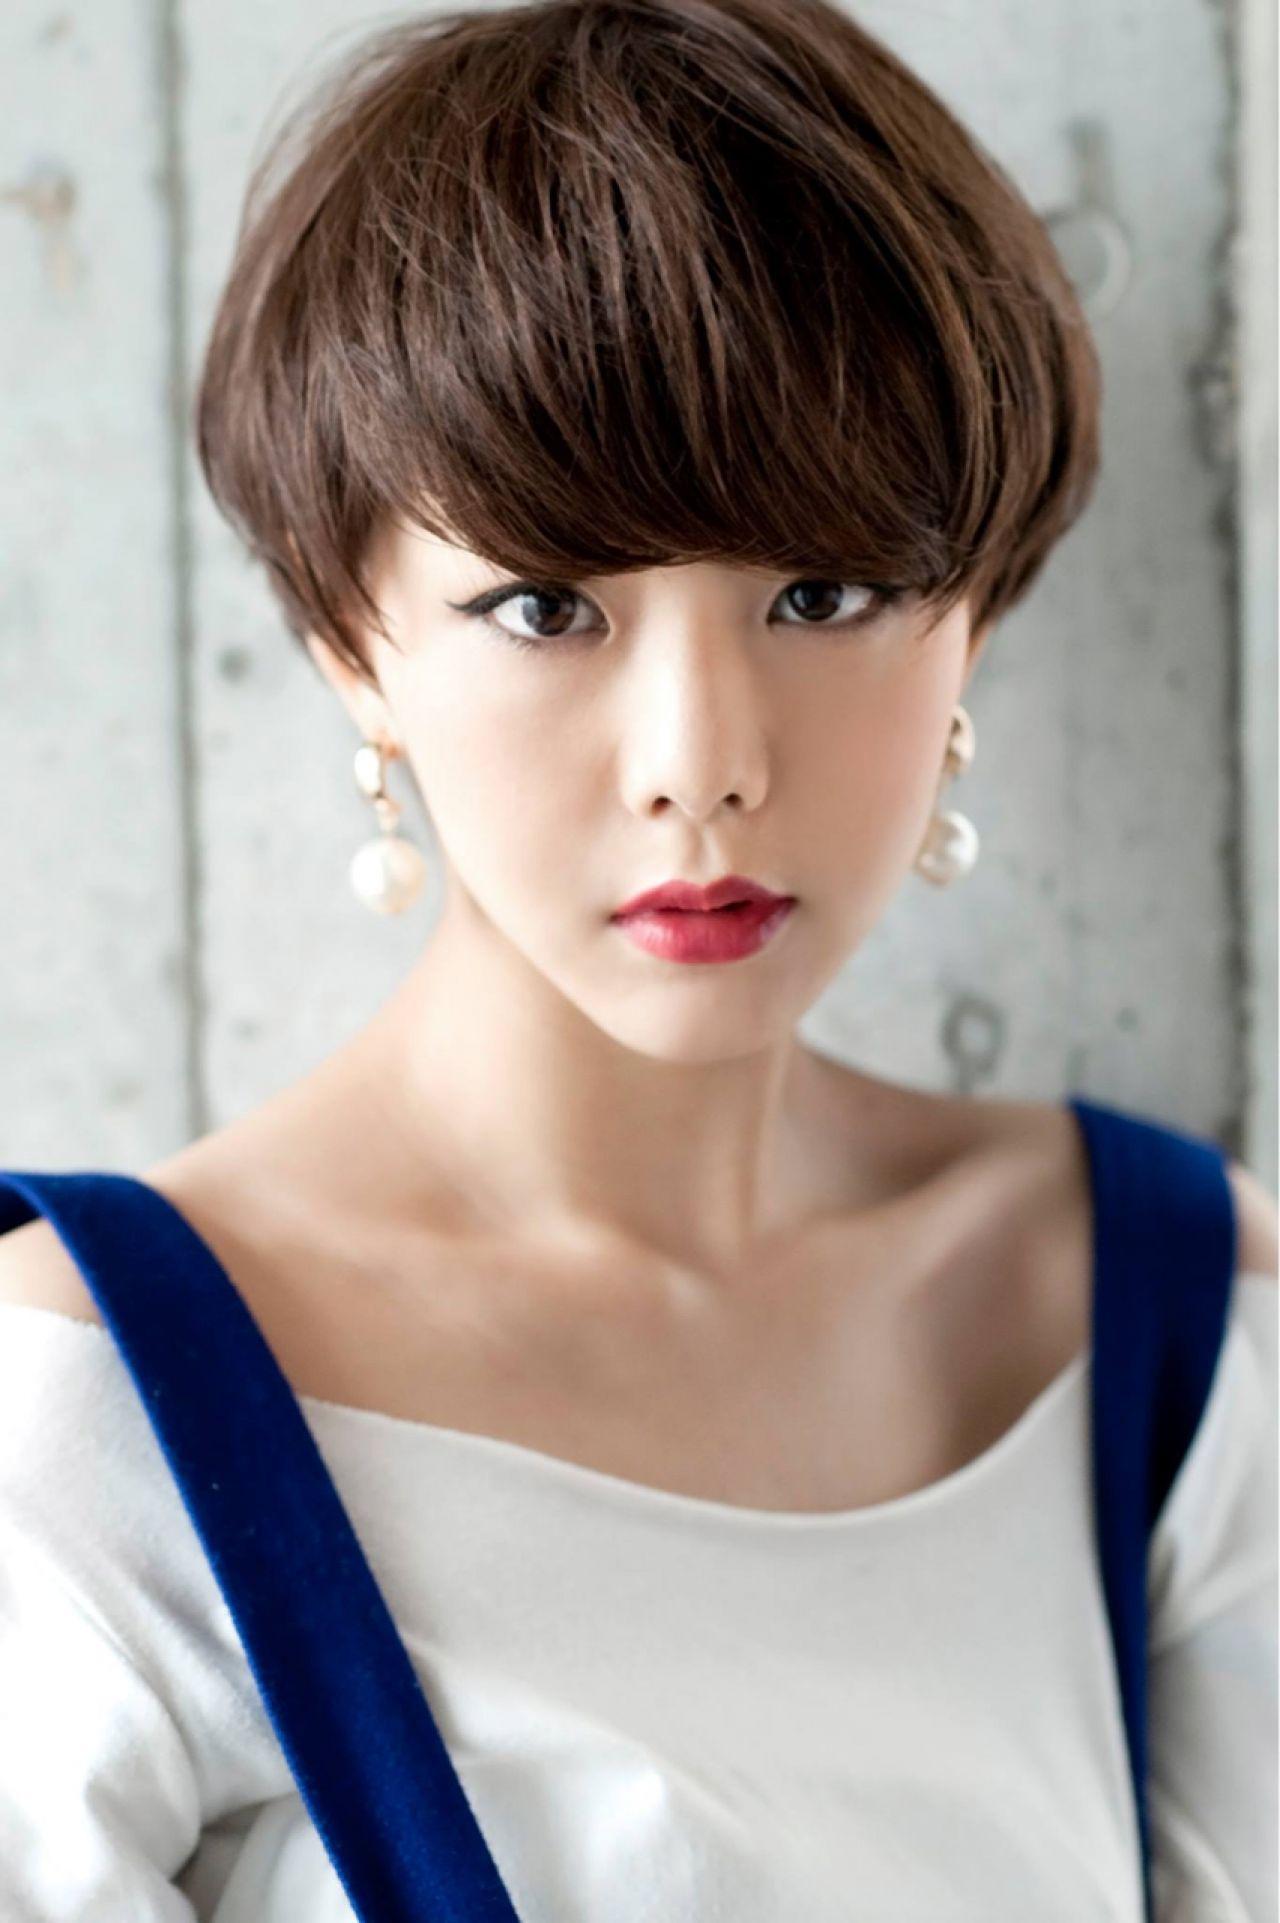 小顔に見せる効果抜群。自然でキュートな印象を生み出す魔法の前髪♡ 田中 衛 /代表